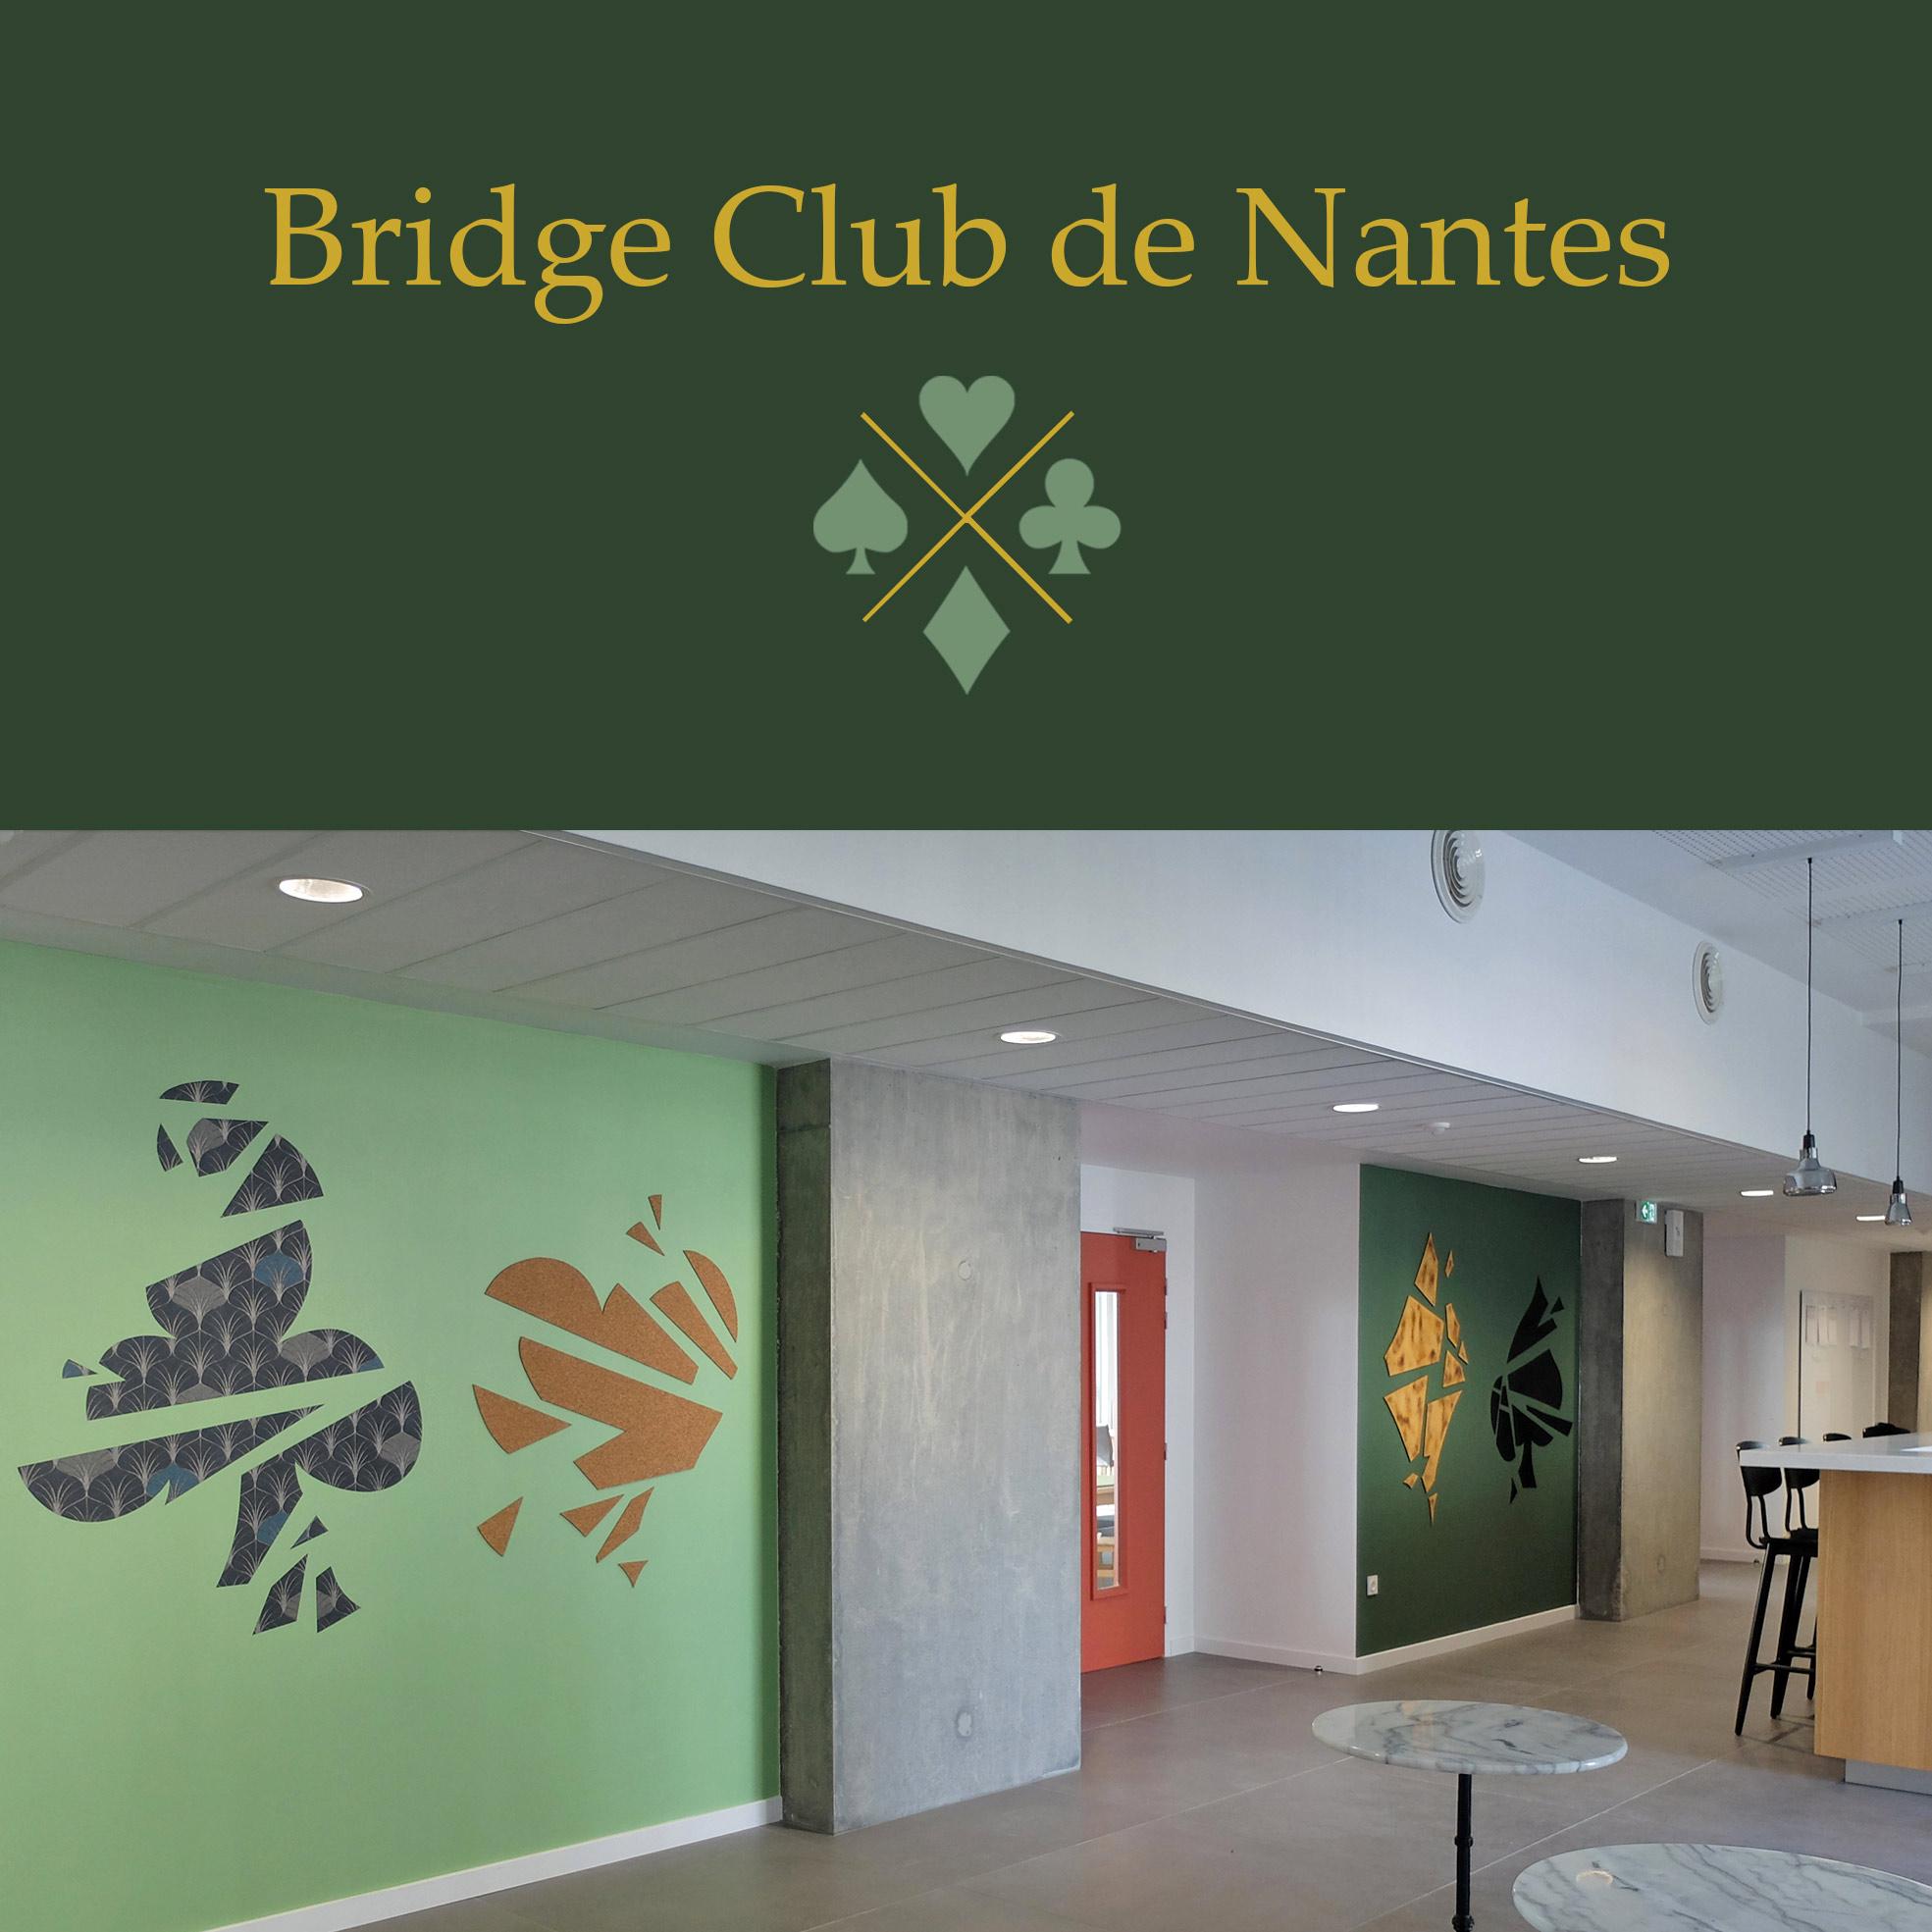 Bridge Club de Nantes